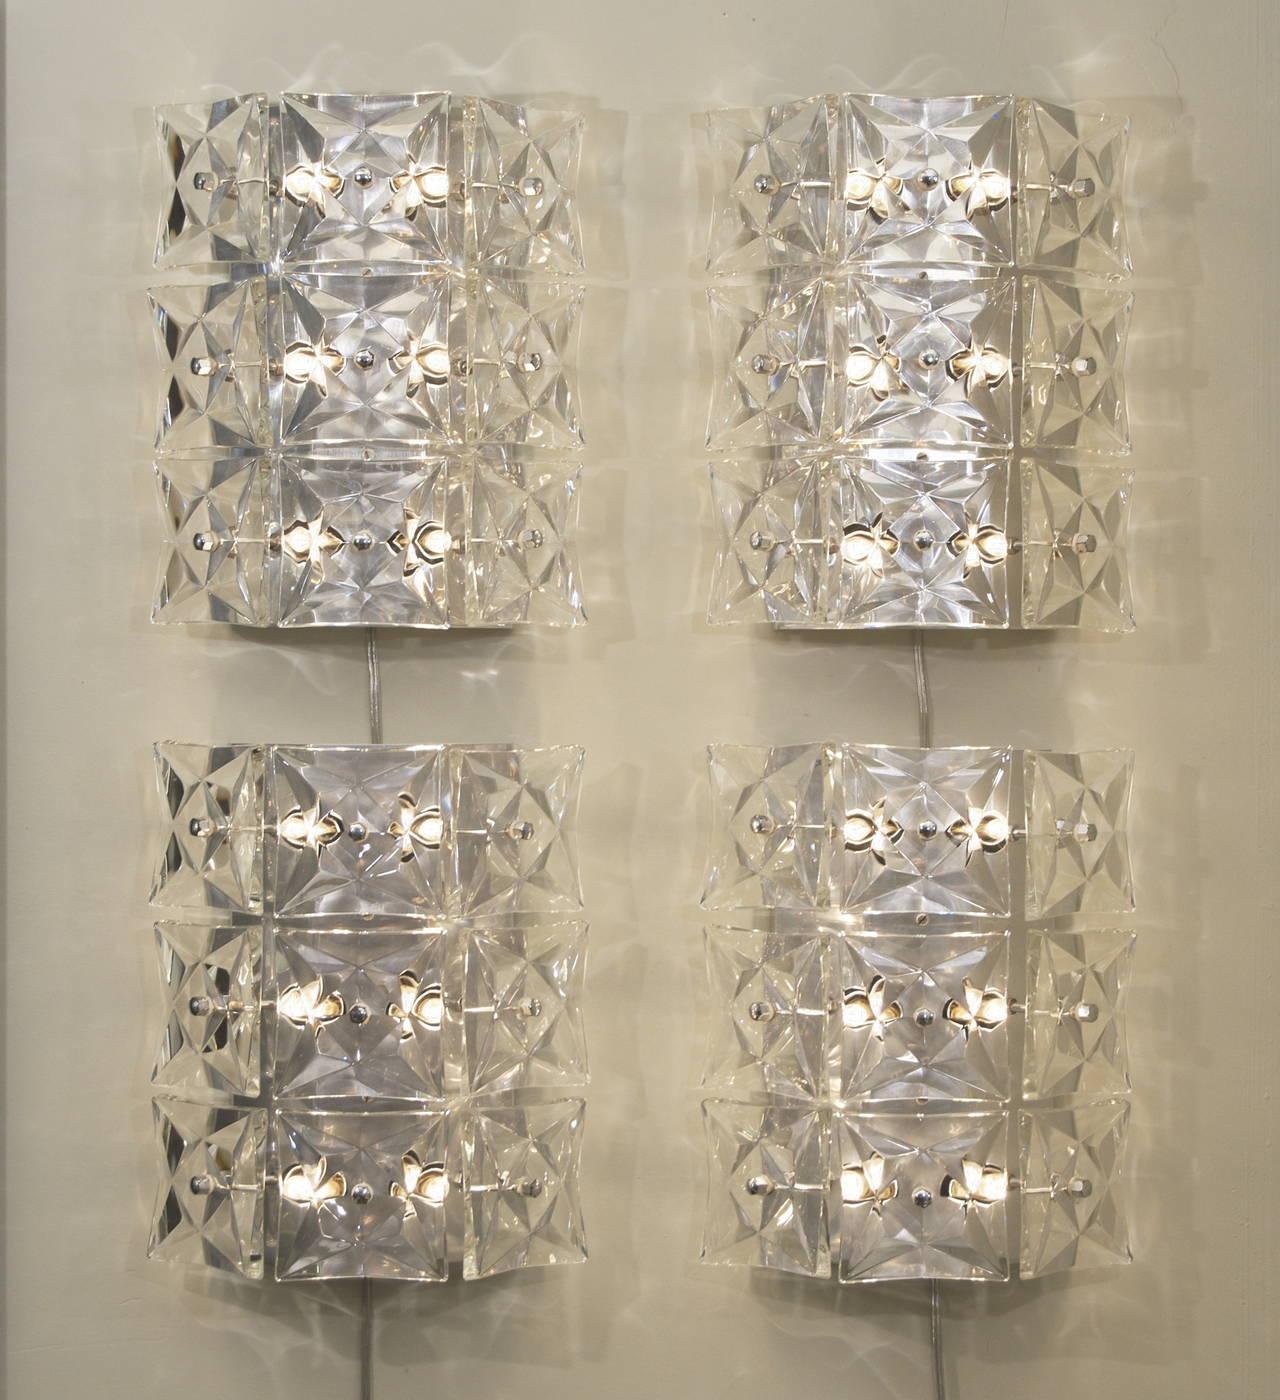 Pair of Massive Kinkeldey Square Crystal Sconces For Sale at 1stdibs